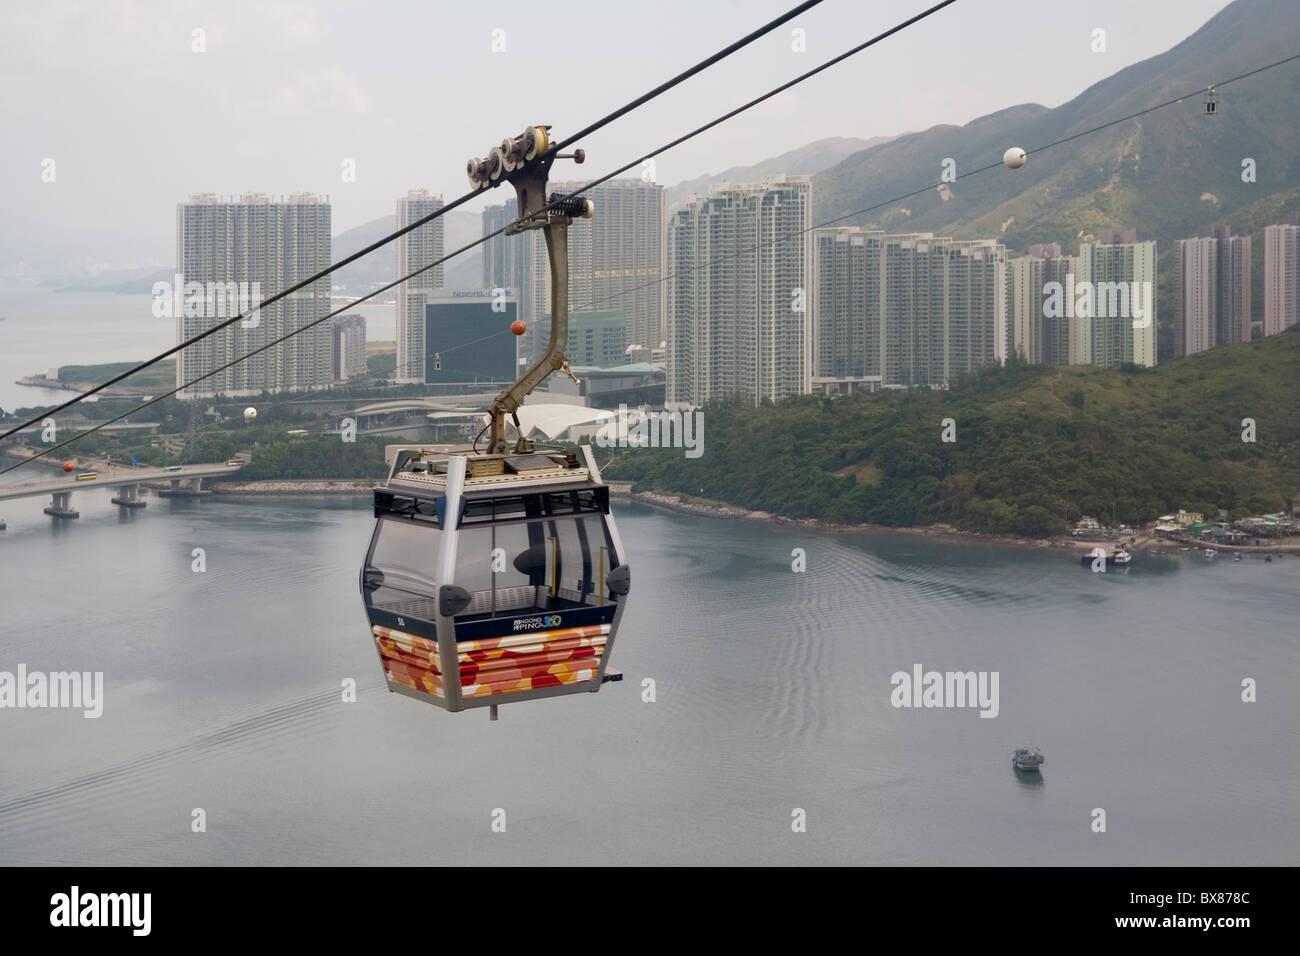 China Hong Kong Lantau Ngon Ping cable car & Tung Chung - Stock Image